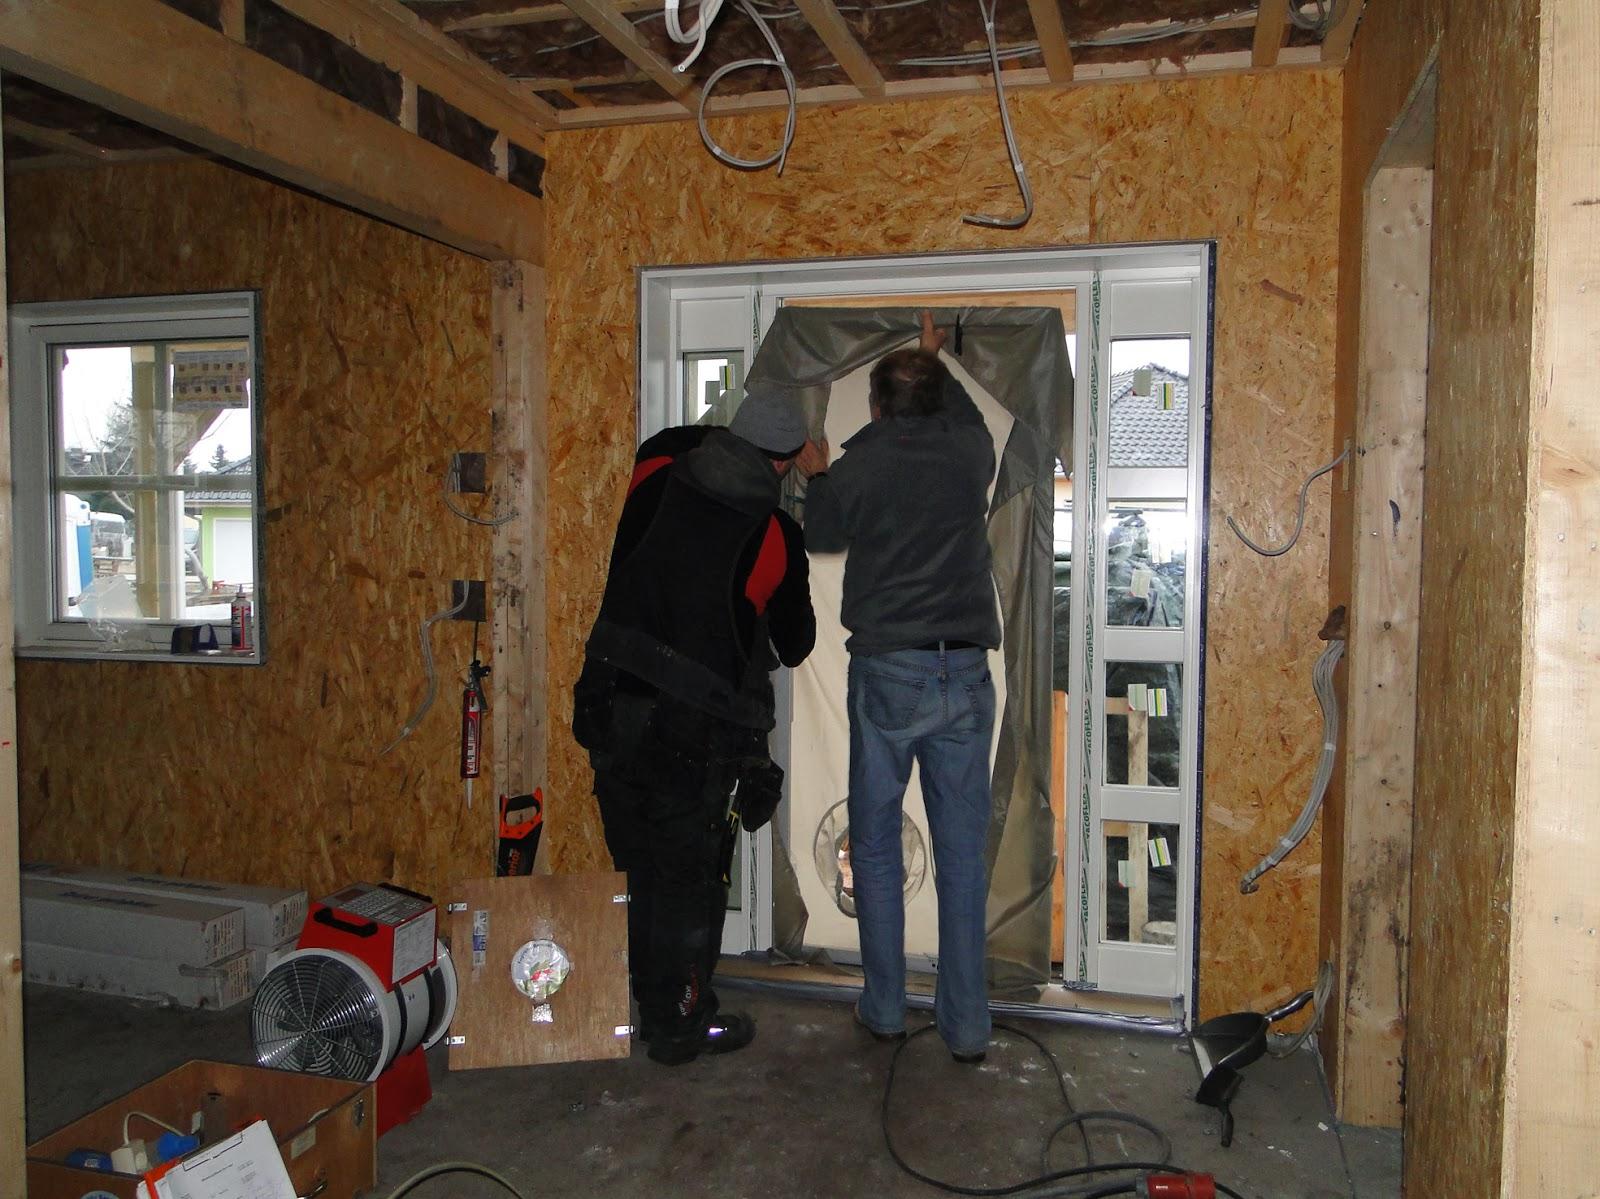 Alex und vreni bauen ein haus tag blower door test